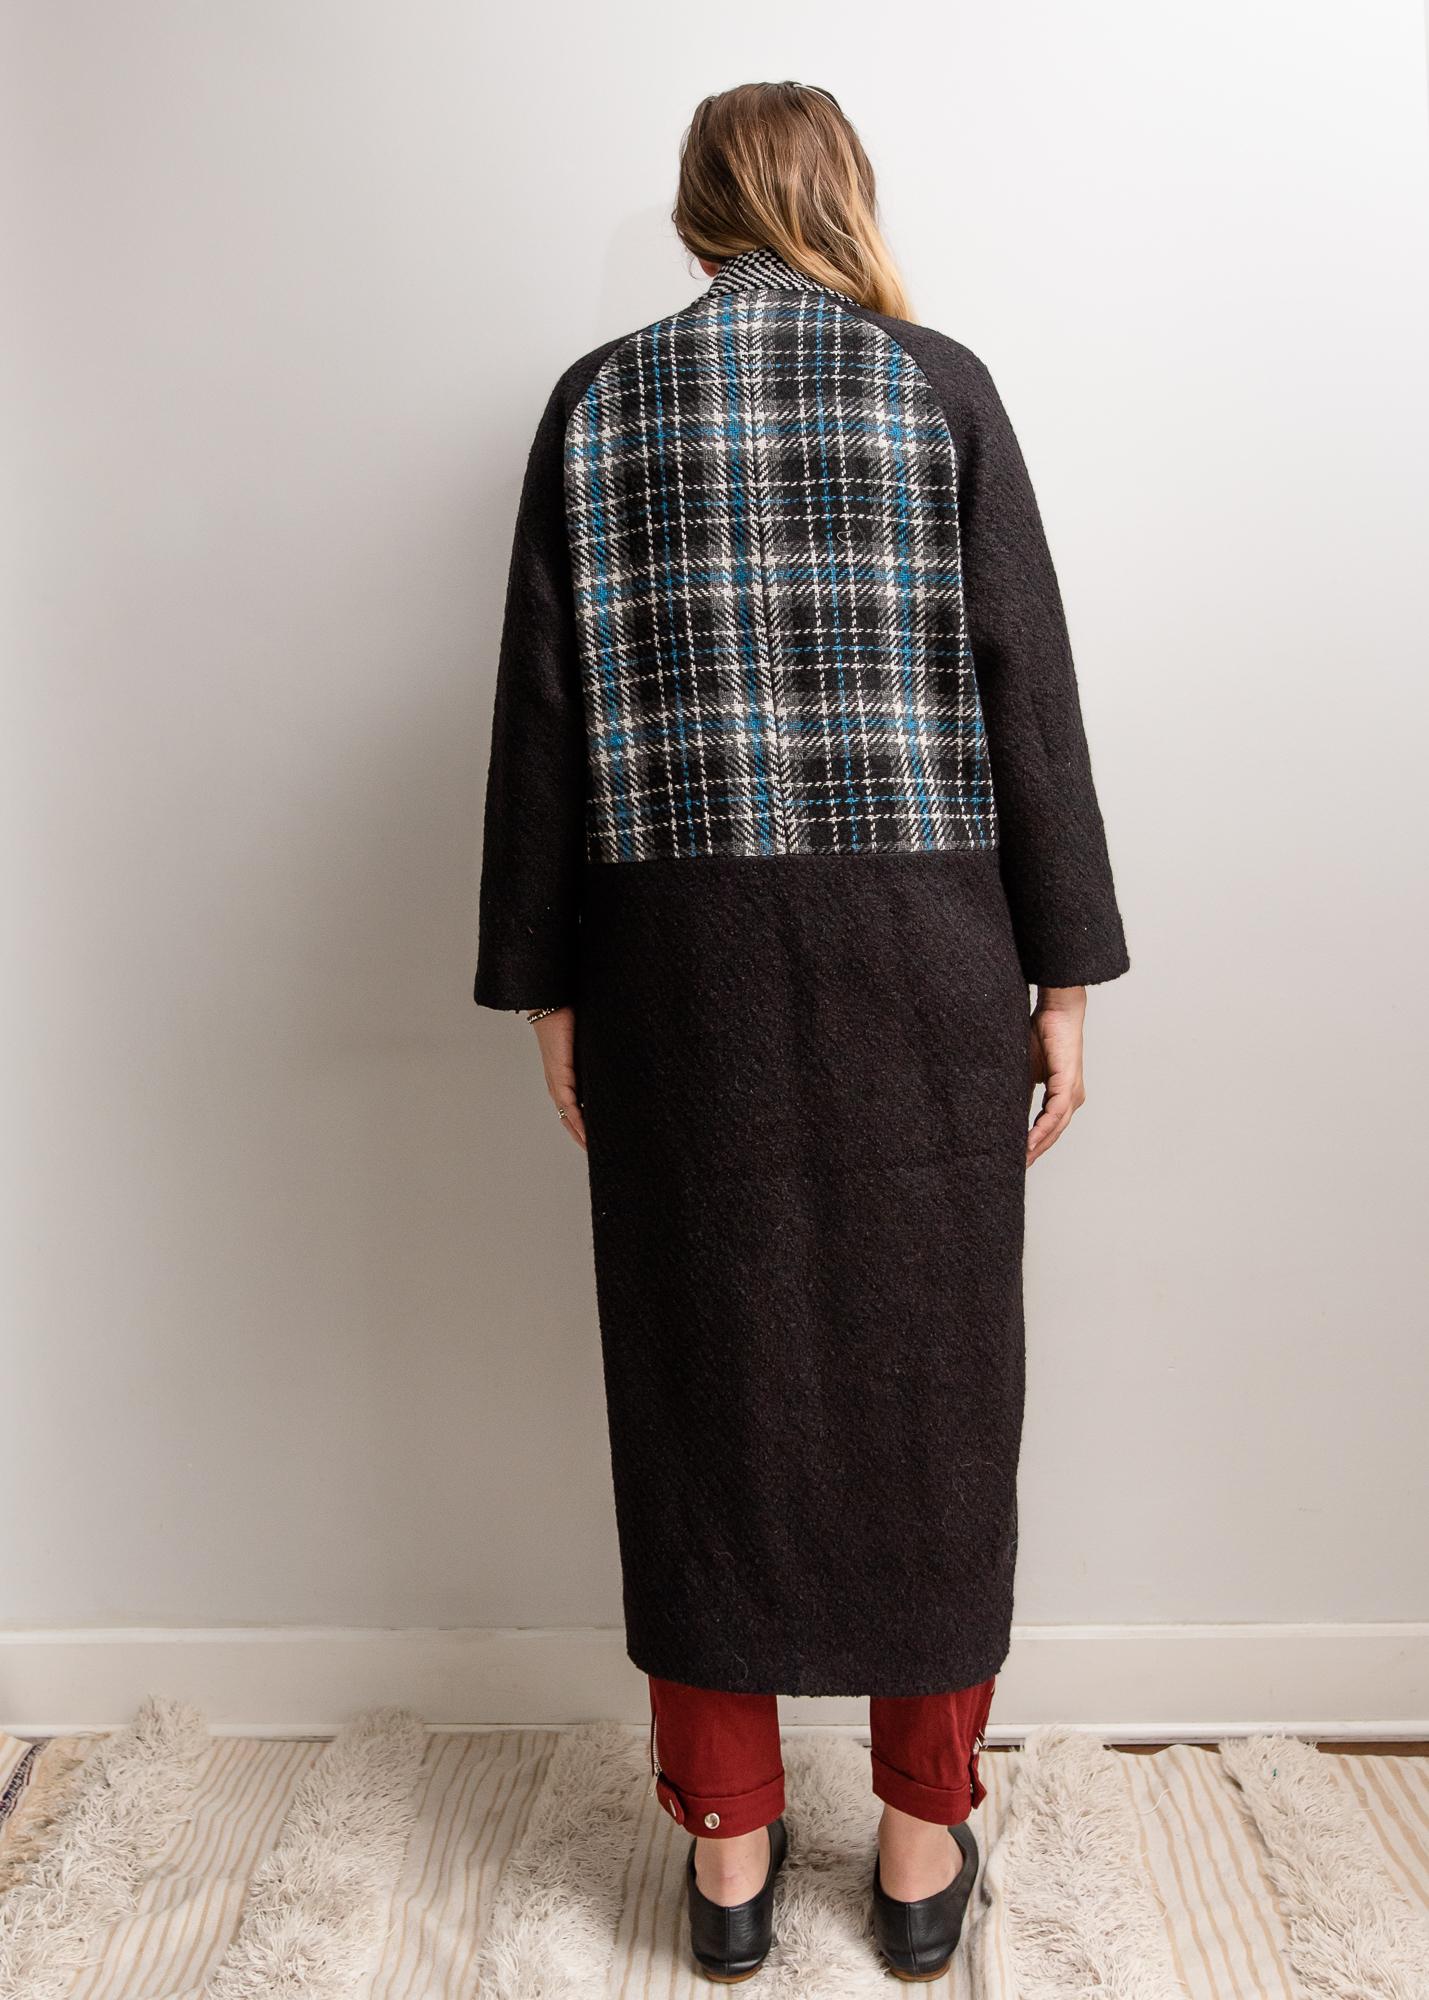 Surtout-Pdf-Sewing-Pattern-Coat-DIY12.jpg